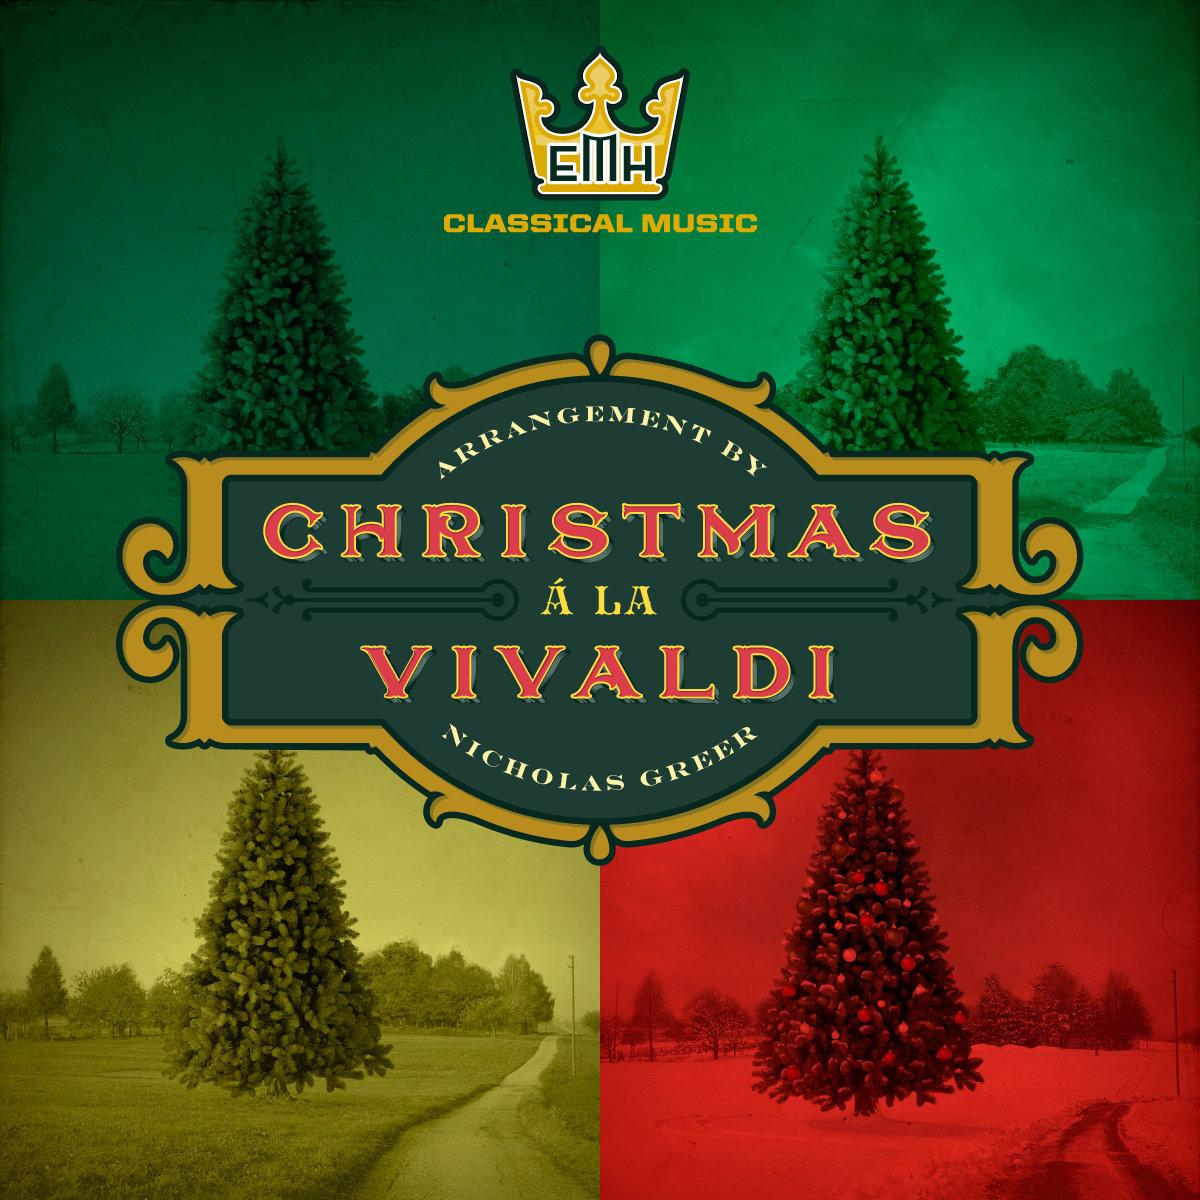 Streaming Christmas Music.Christmas A La Vivaldi Emh Classical Music